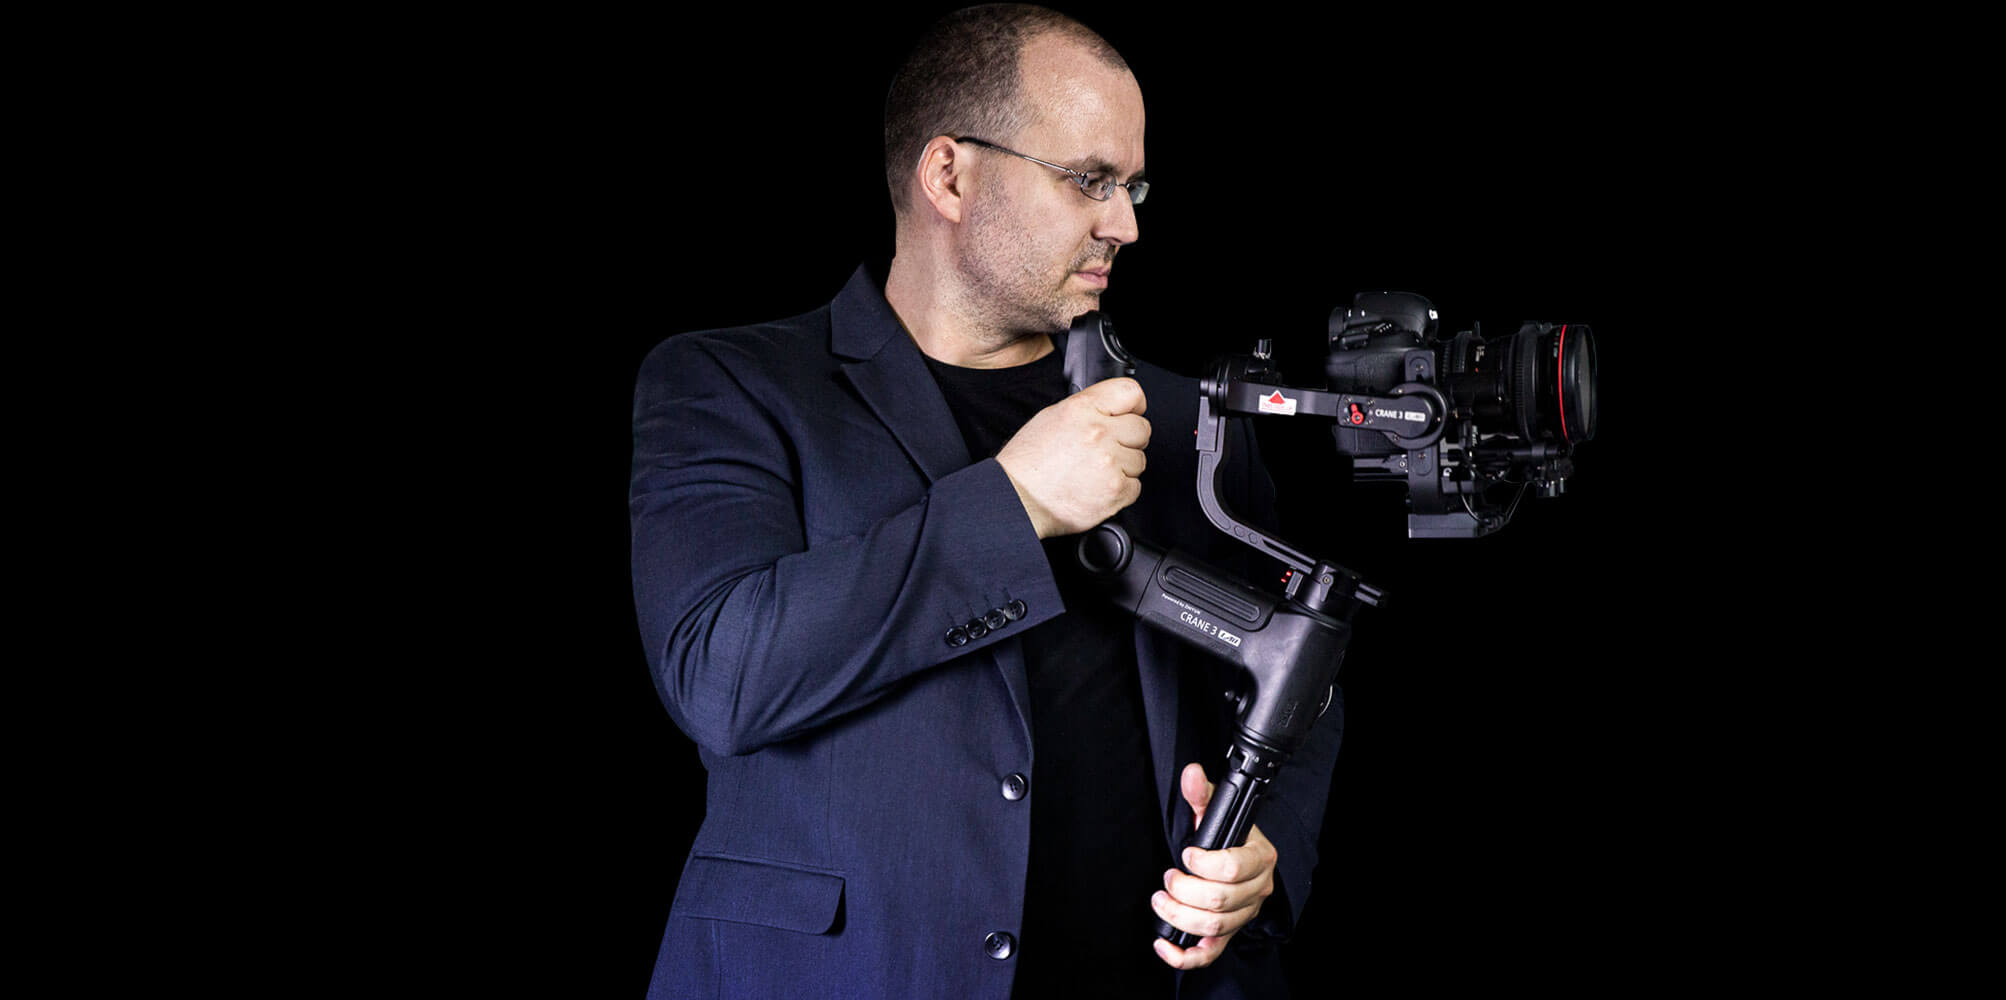 Matthias Gottwald von der Seite mit einer Videokamera und einem Gimbal zum Stabilisieren der Aufnahmen.